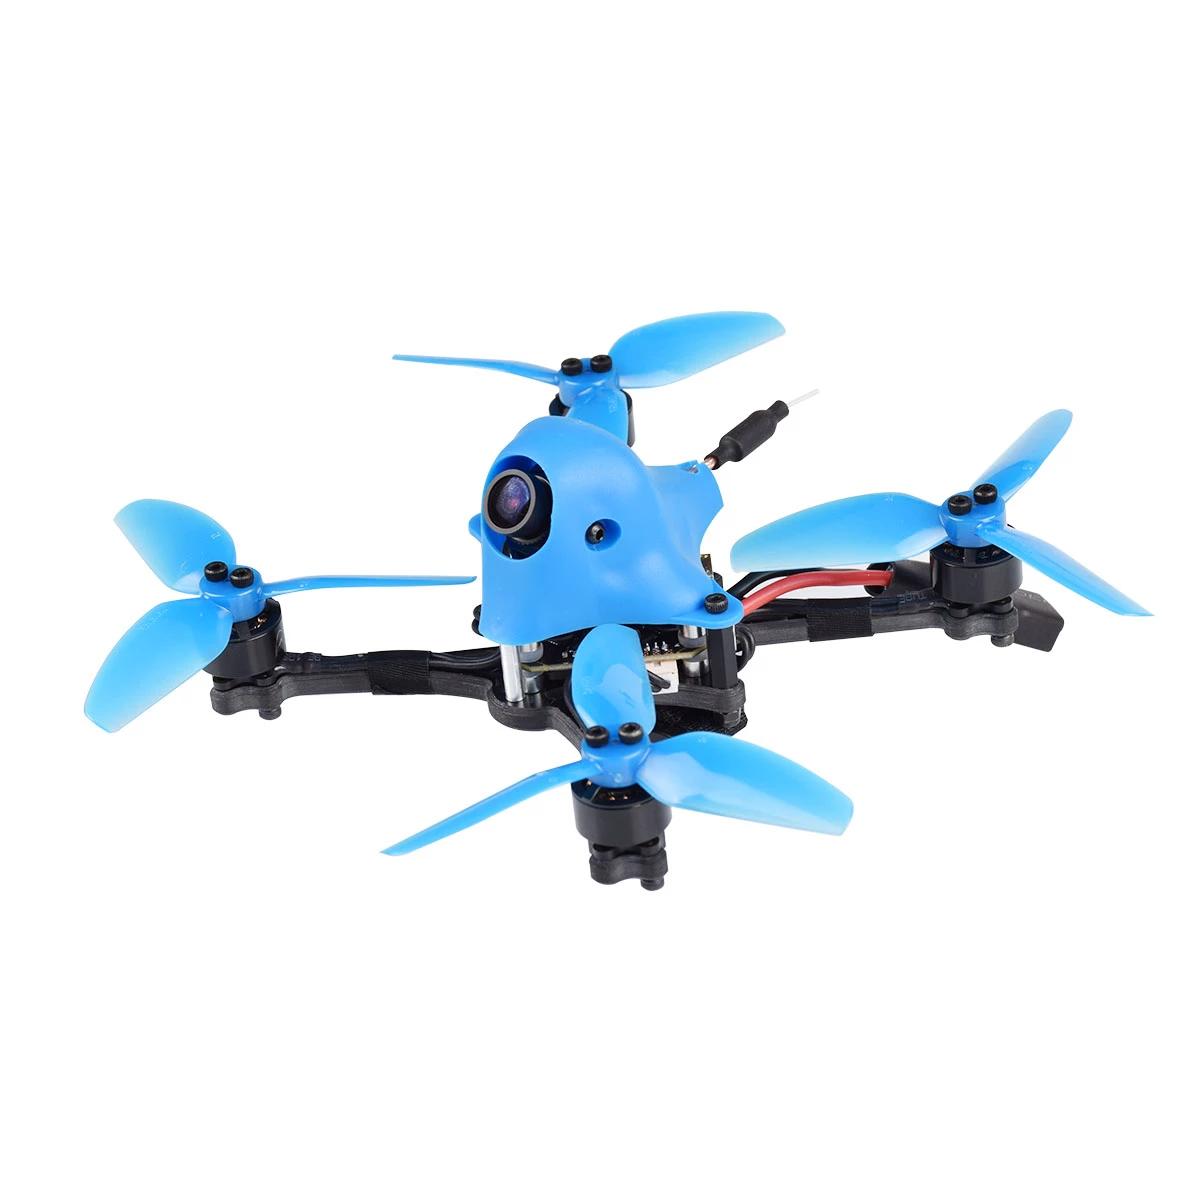 【セット商品】HX115 115mm HD Toothpick Drone(Futaba S-FHSS仕様)+TATTU 450mAh 14.8V 75C 4S1P Lipo Battery Pack with XT30 Long Size